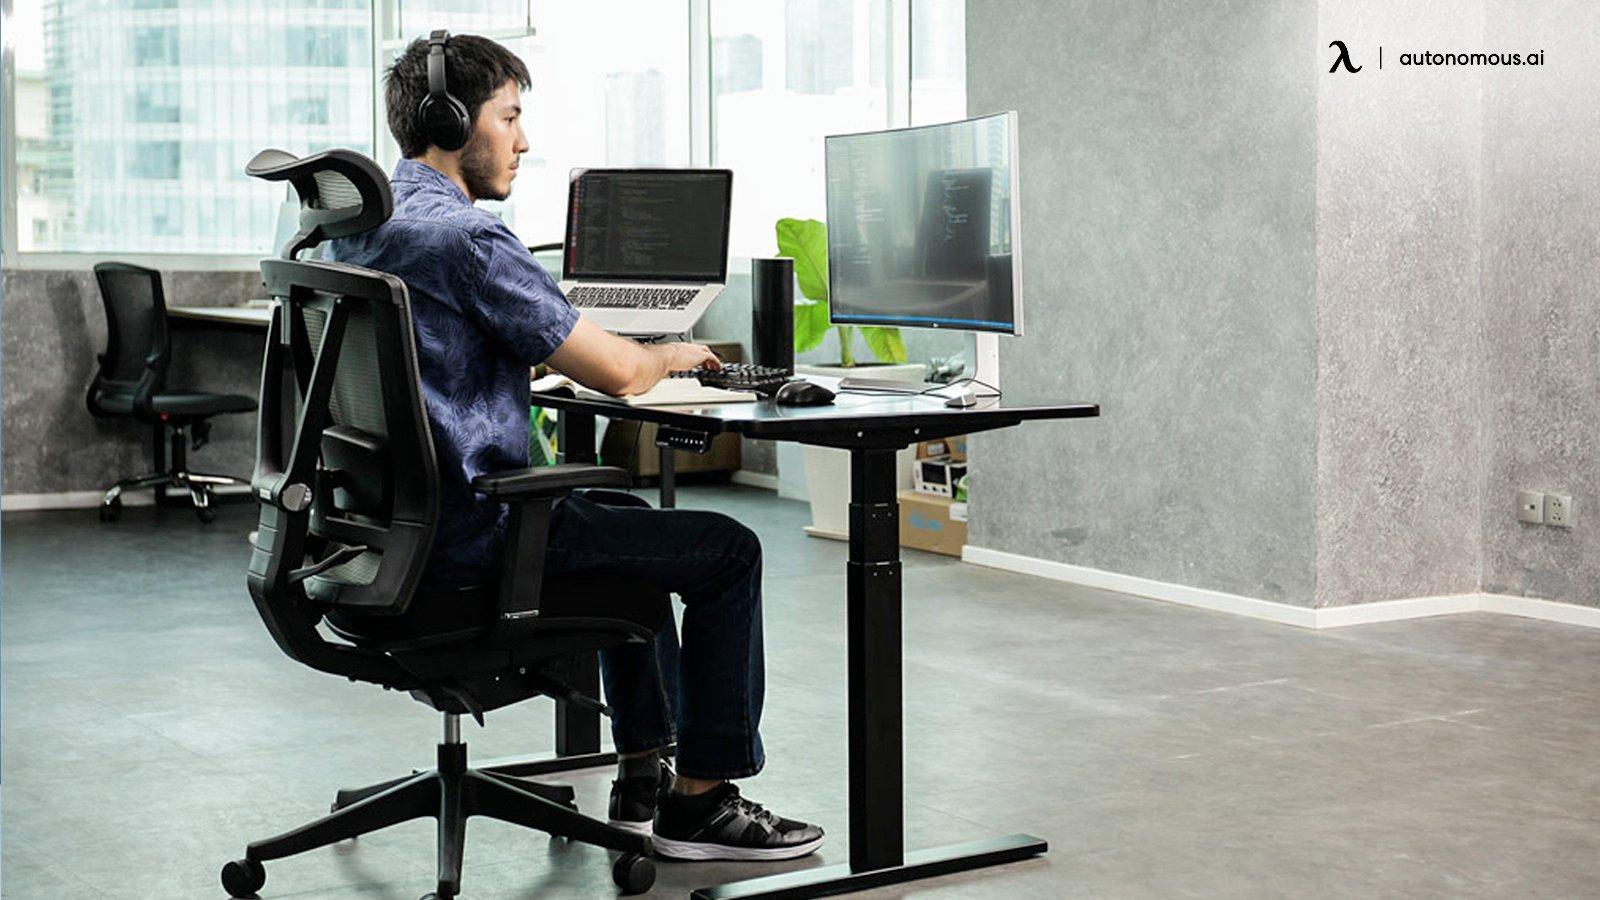 Autonomous Office Chair and Desk